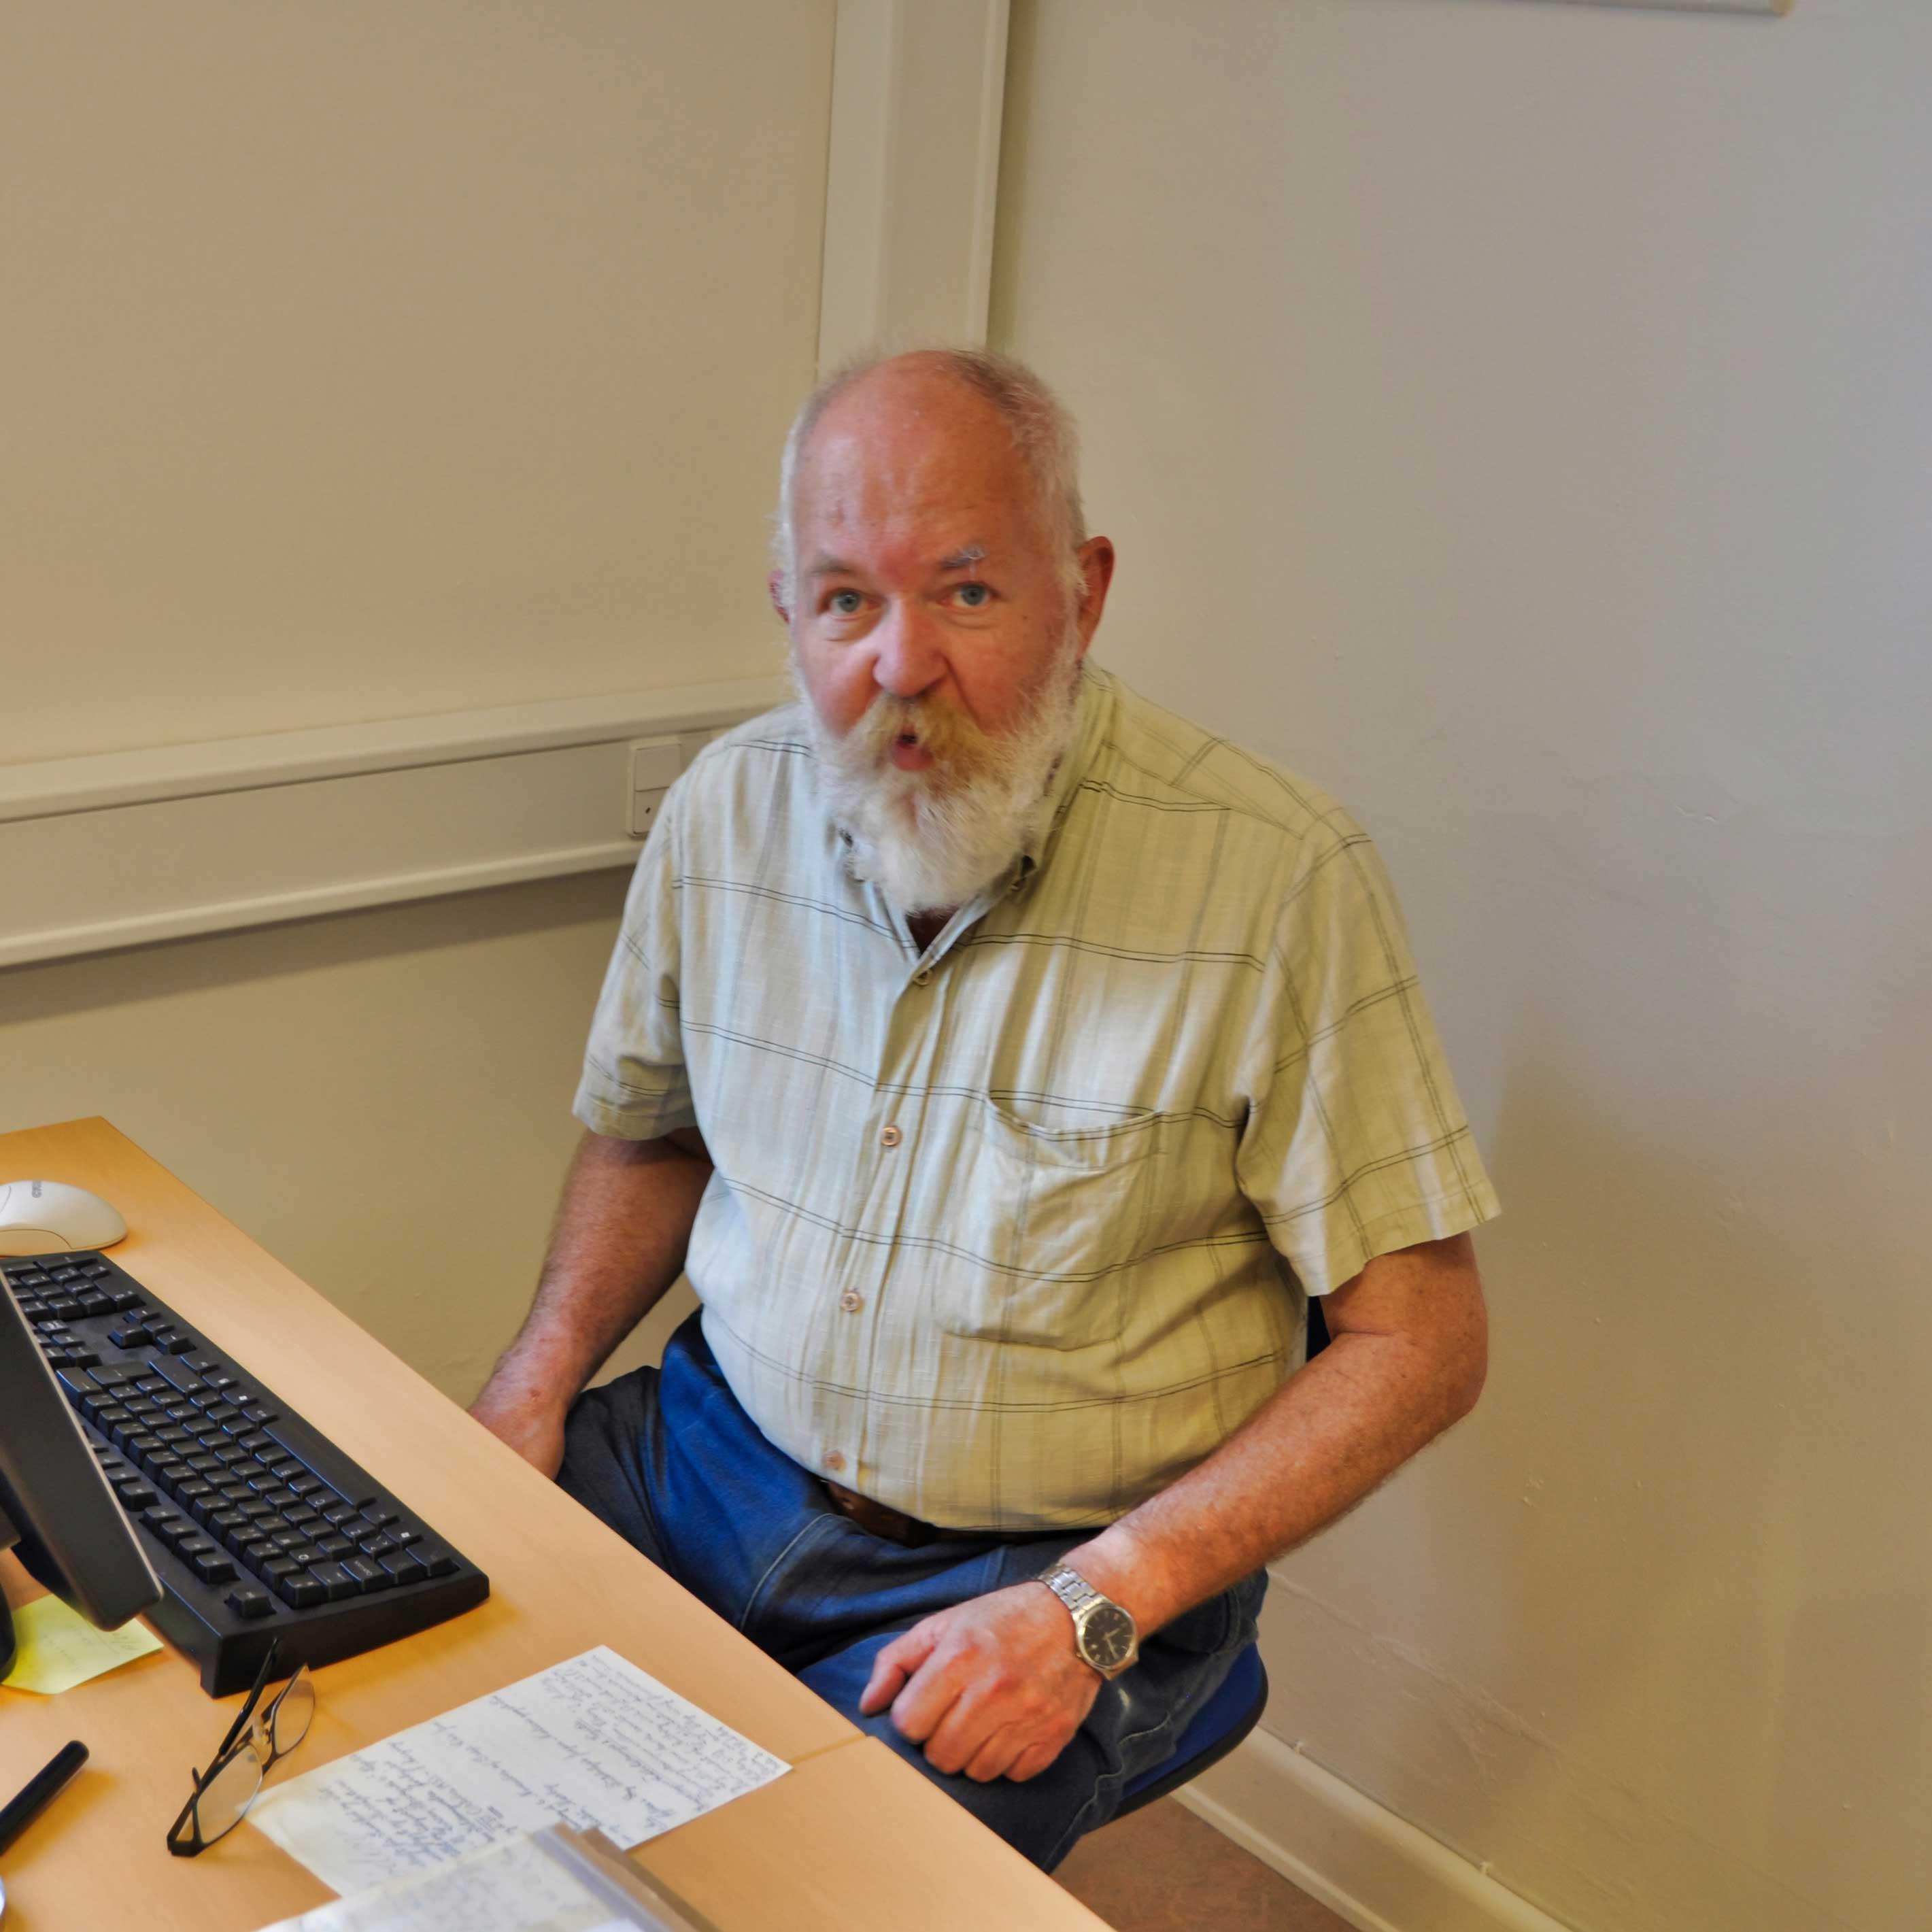 Peter Ginnerup